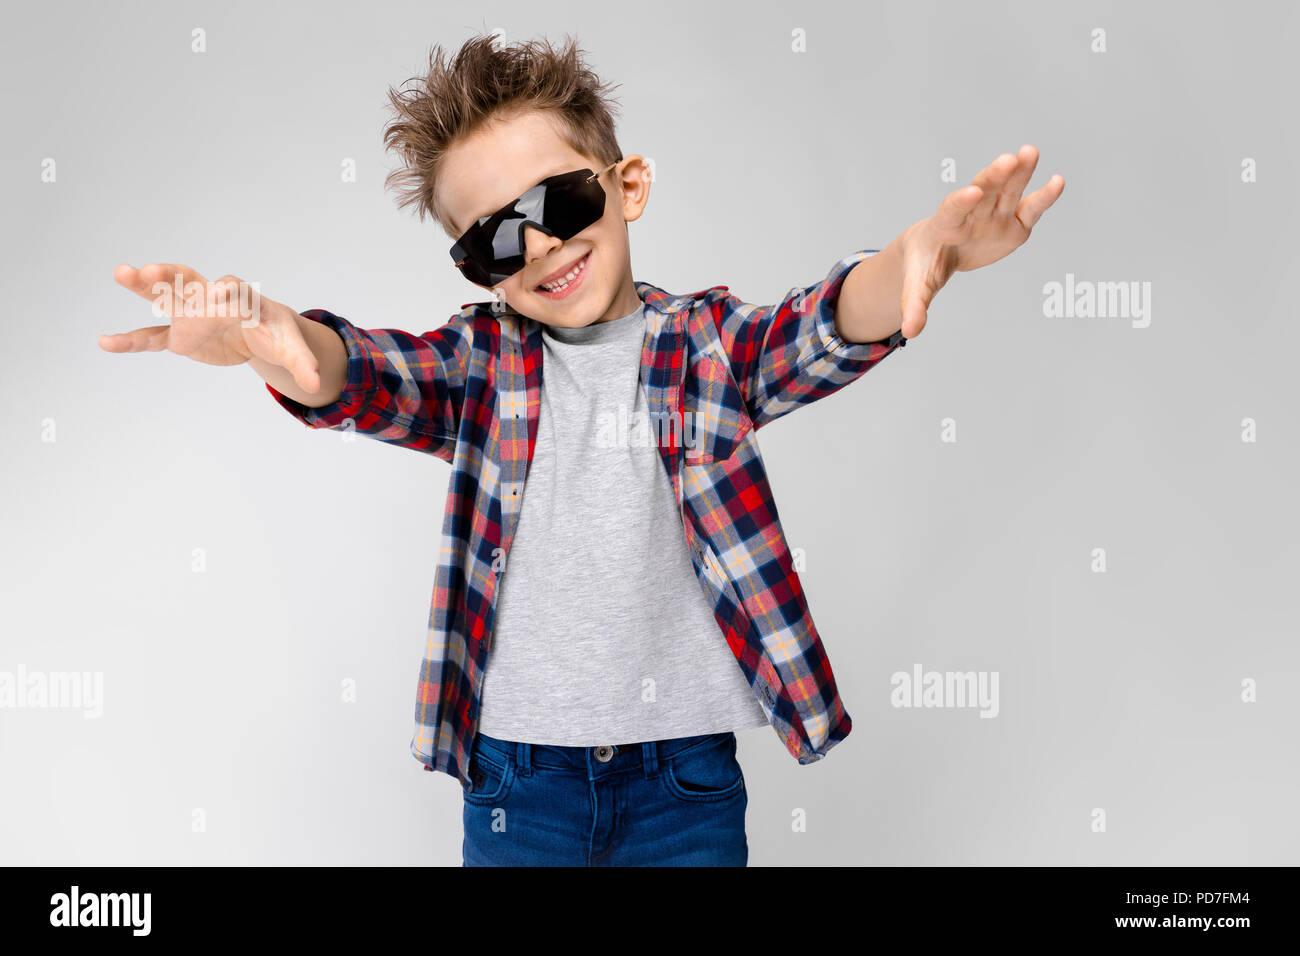 fb0bc5c1a6 Un guapo muchacho en una camisa de cuadros escoceses, camiseta gris y jeans  destaca sobre